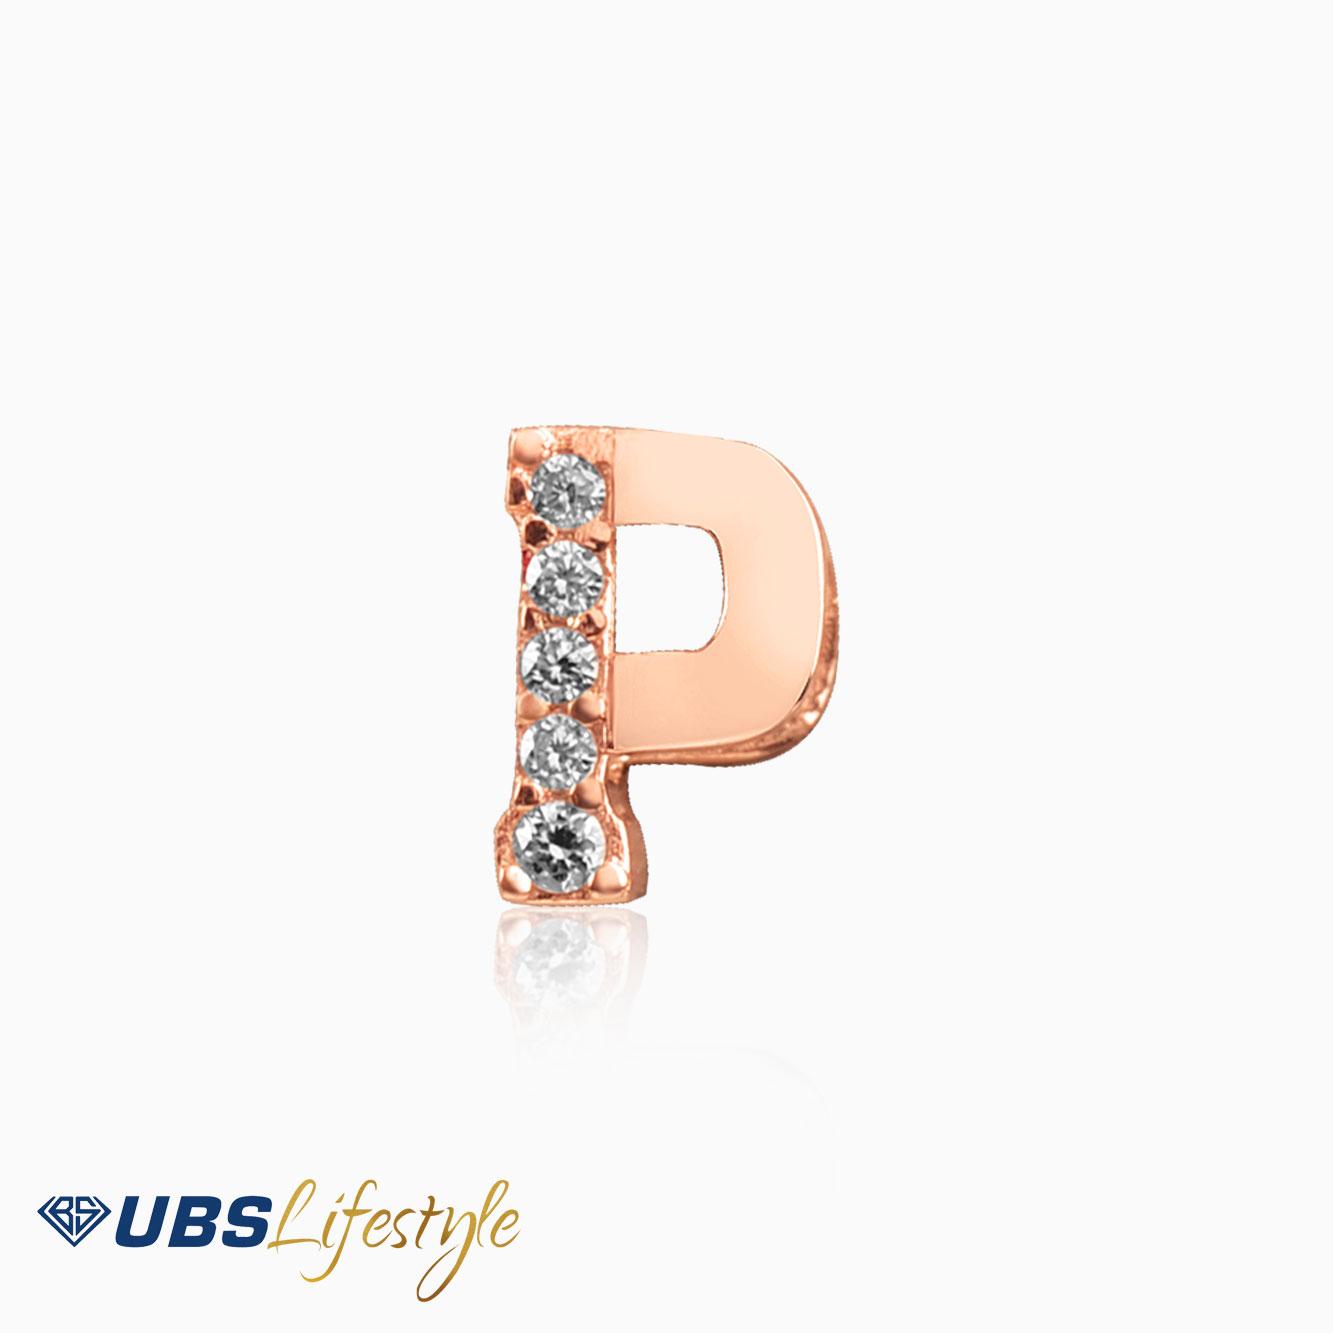 LIONTIN EMAS UBS P